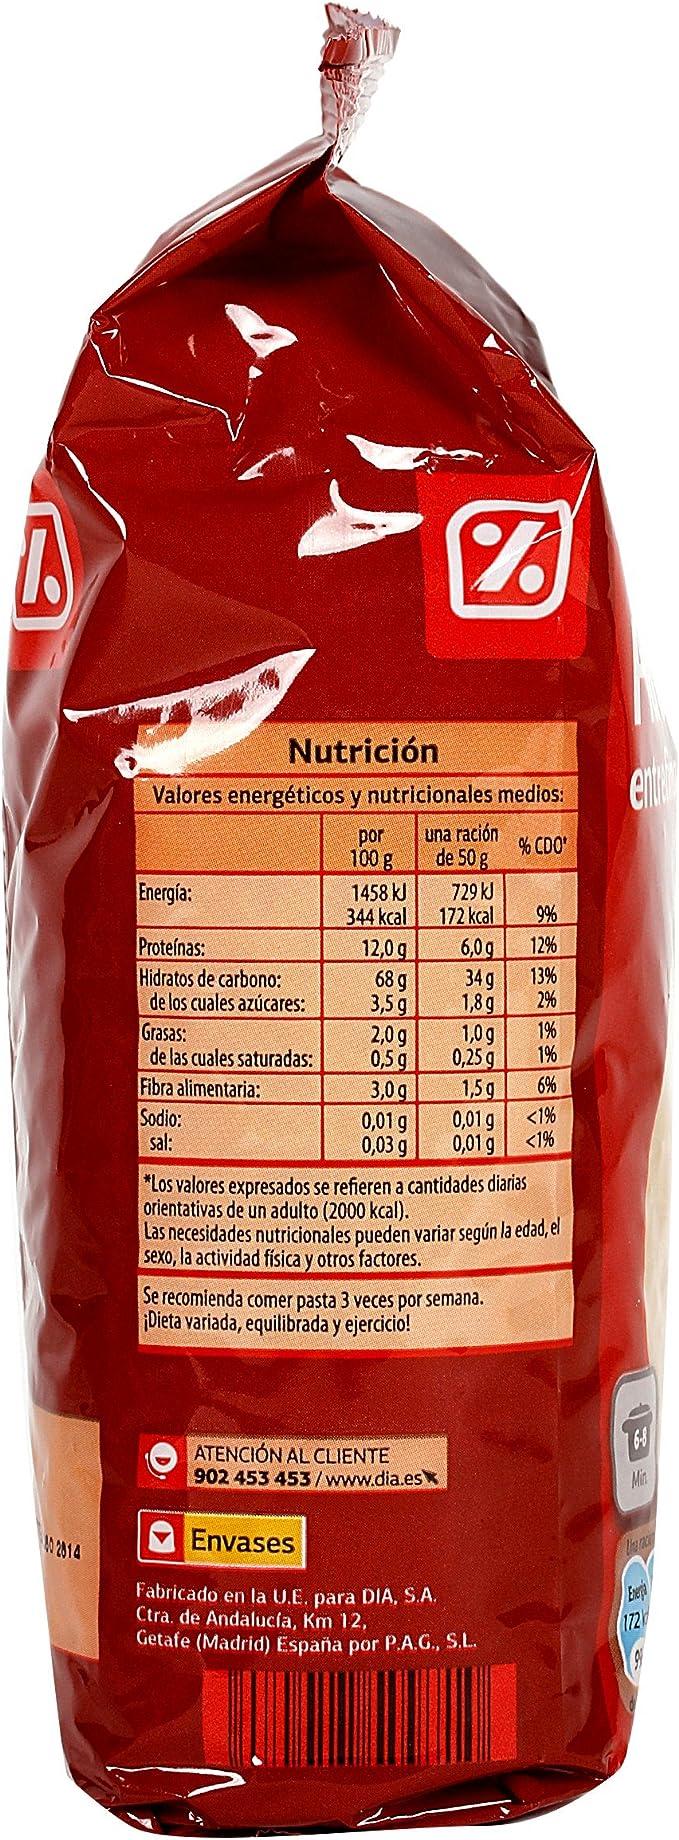 DIA - Fideo Entrefino Paquete 500 Gr: Amazon.es: Alimentación y bebidas